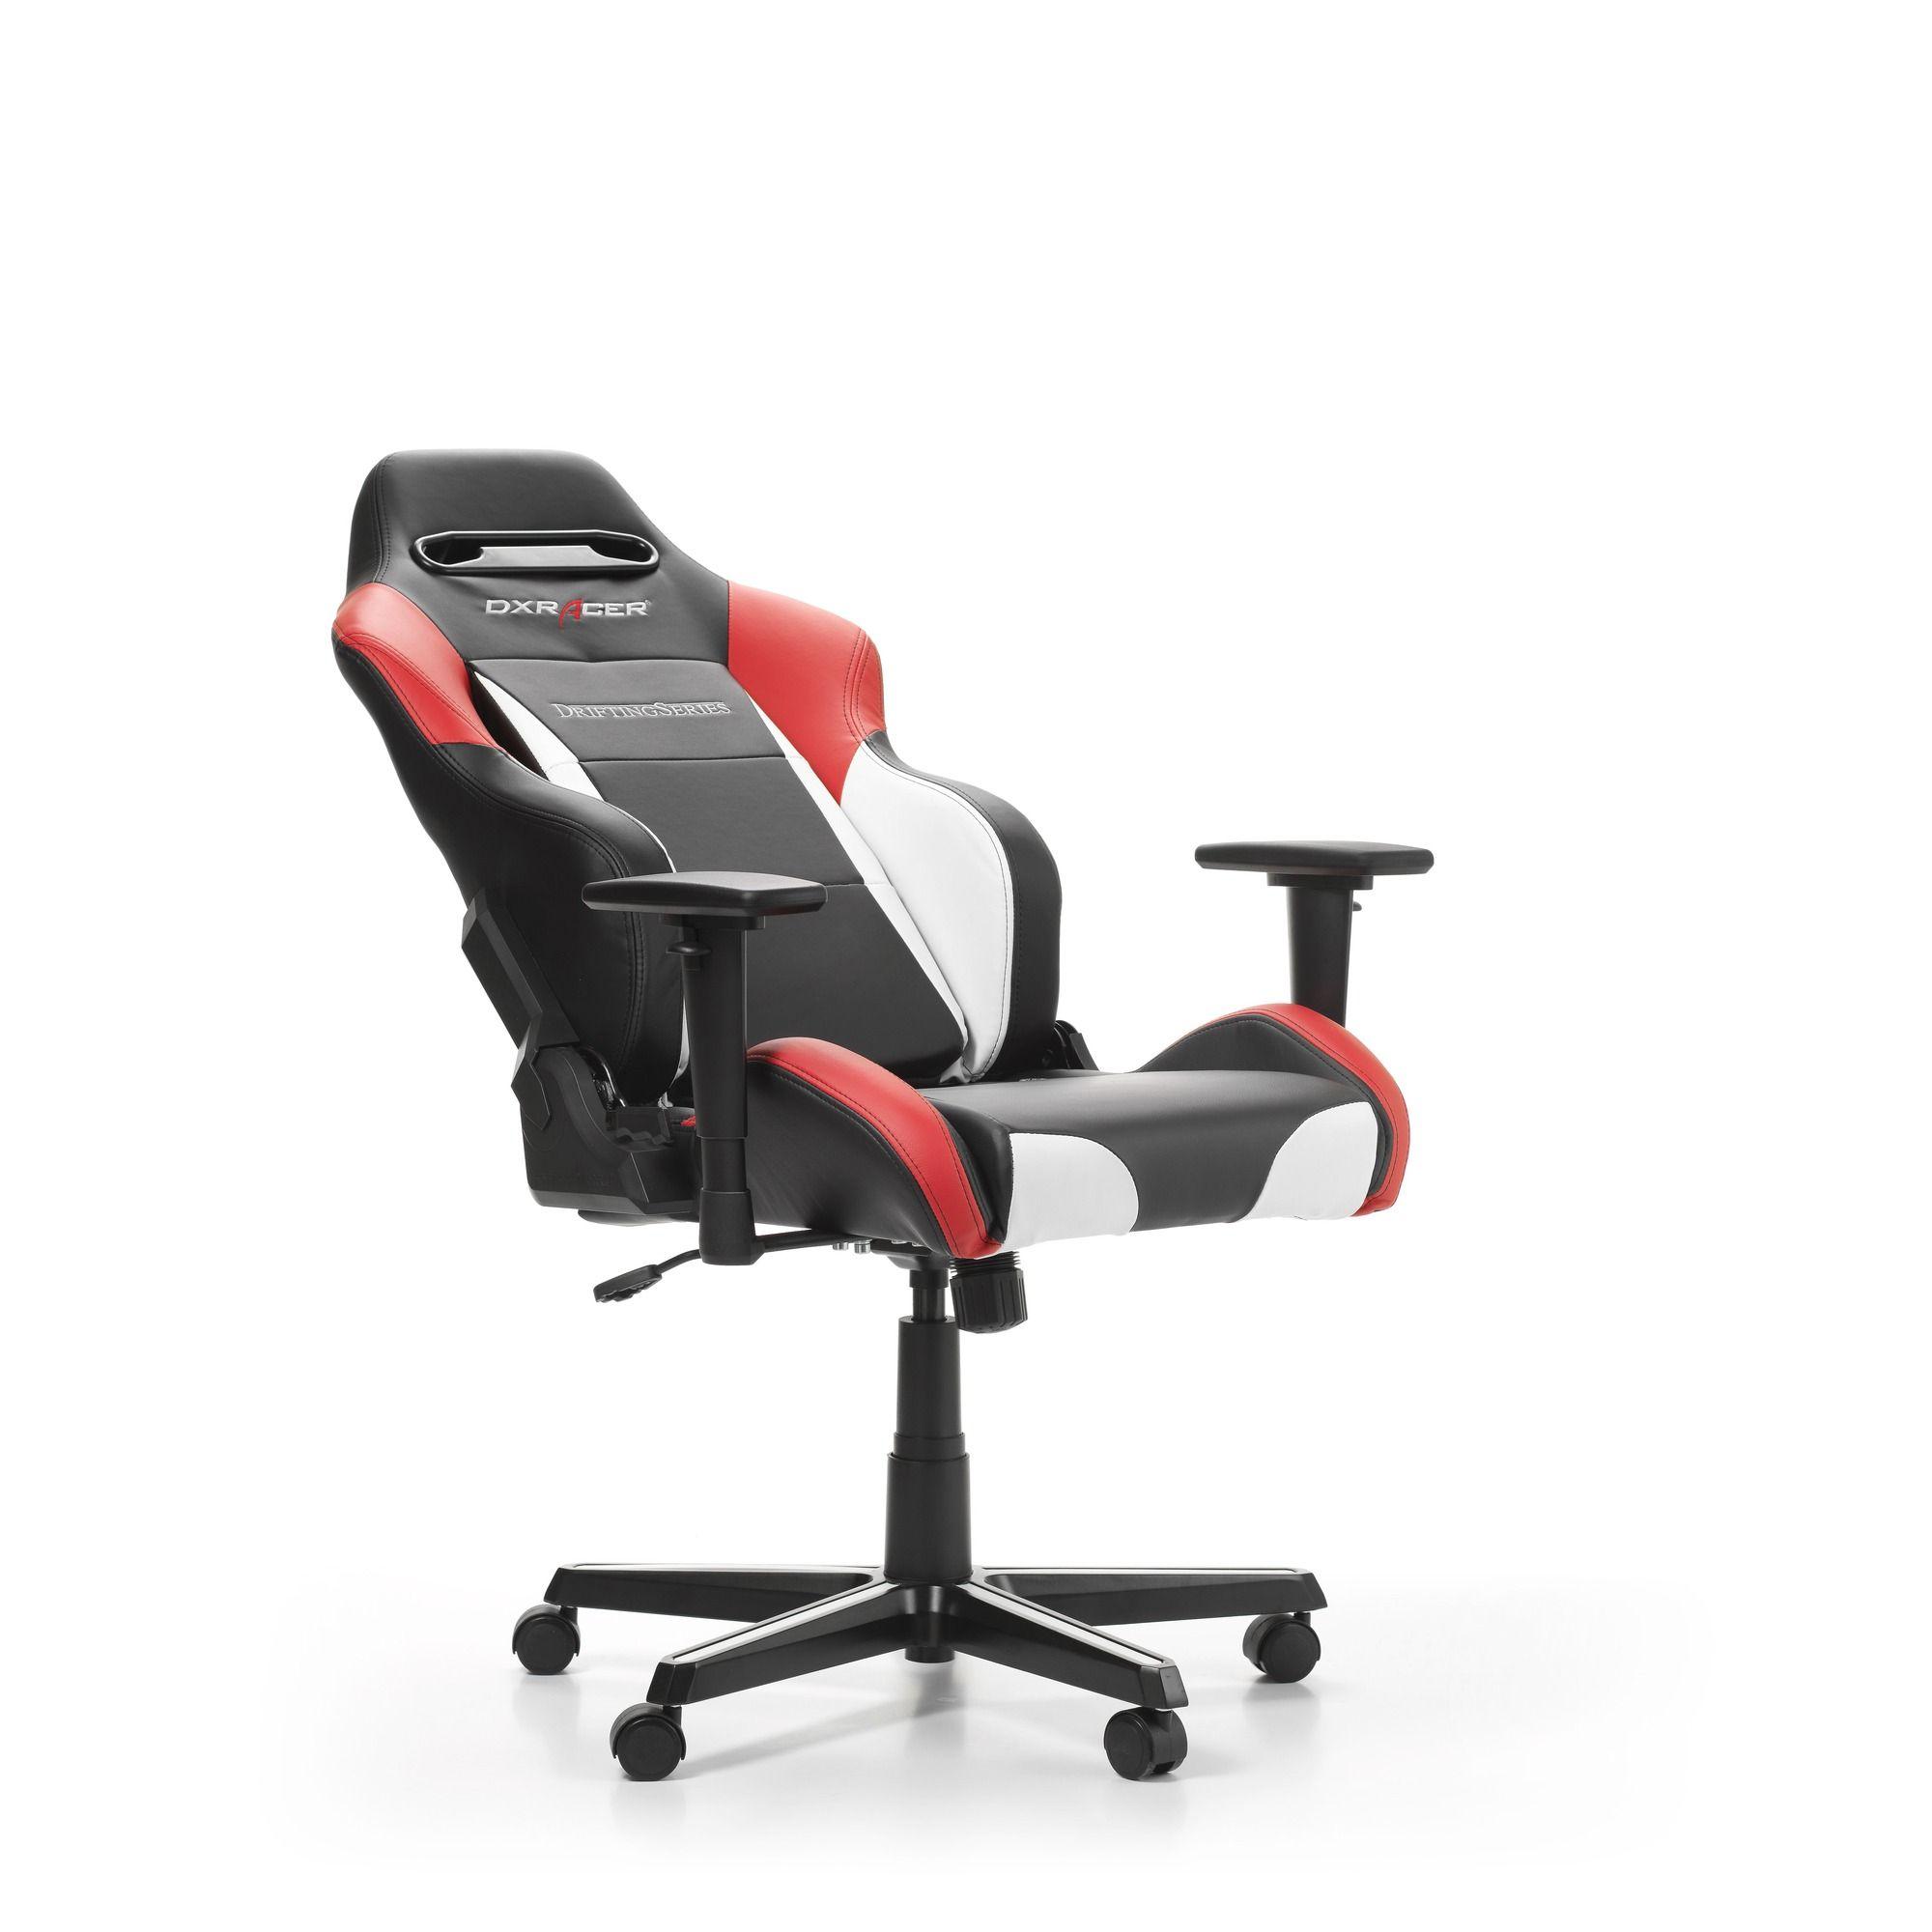 Геймърски стол DXRacer - серия DRIFTING, черен/бял/червен - OH/DM61/NWR - 5